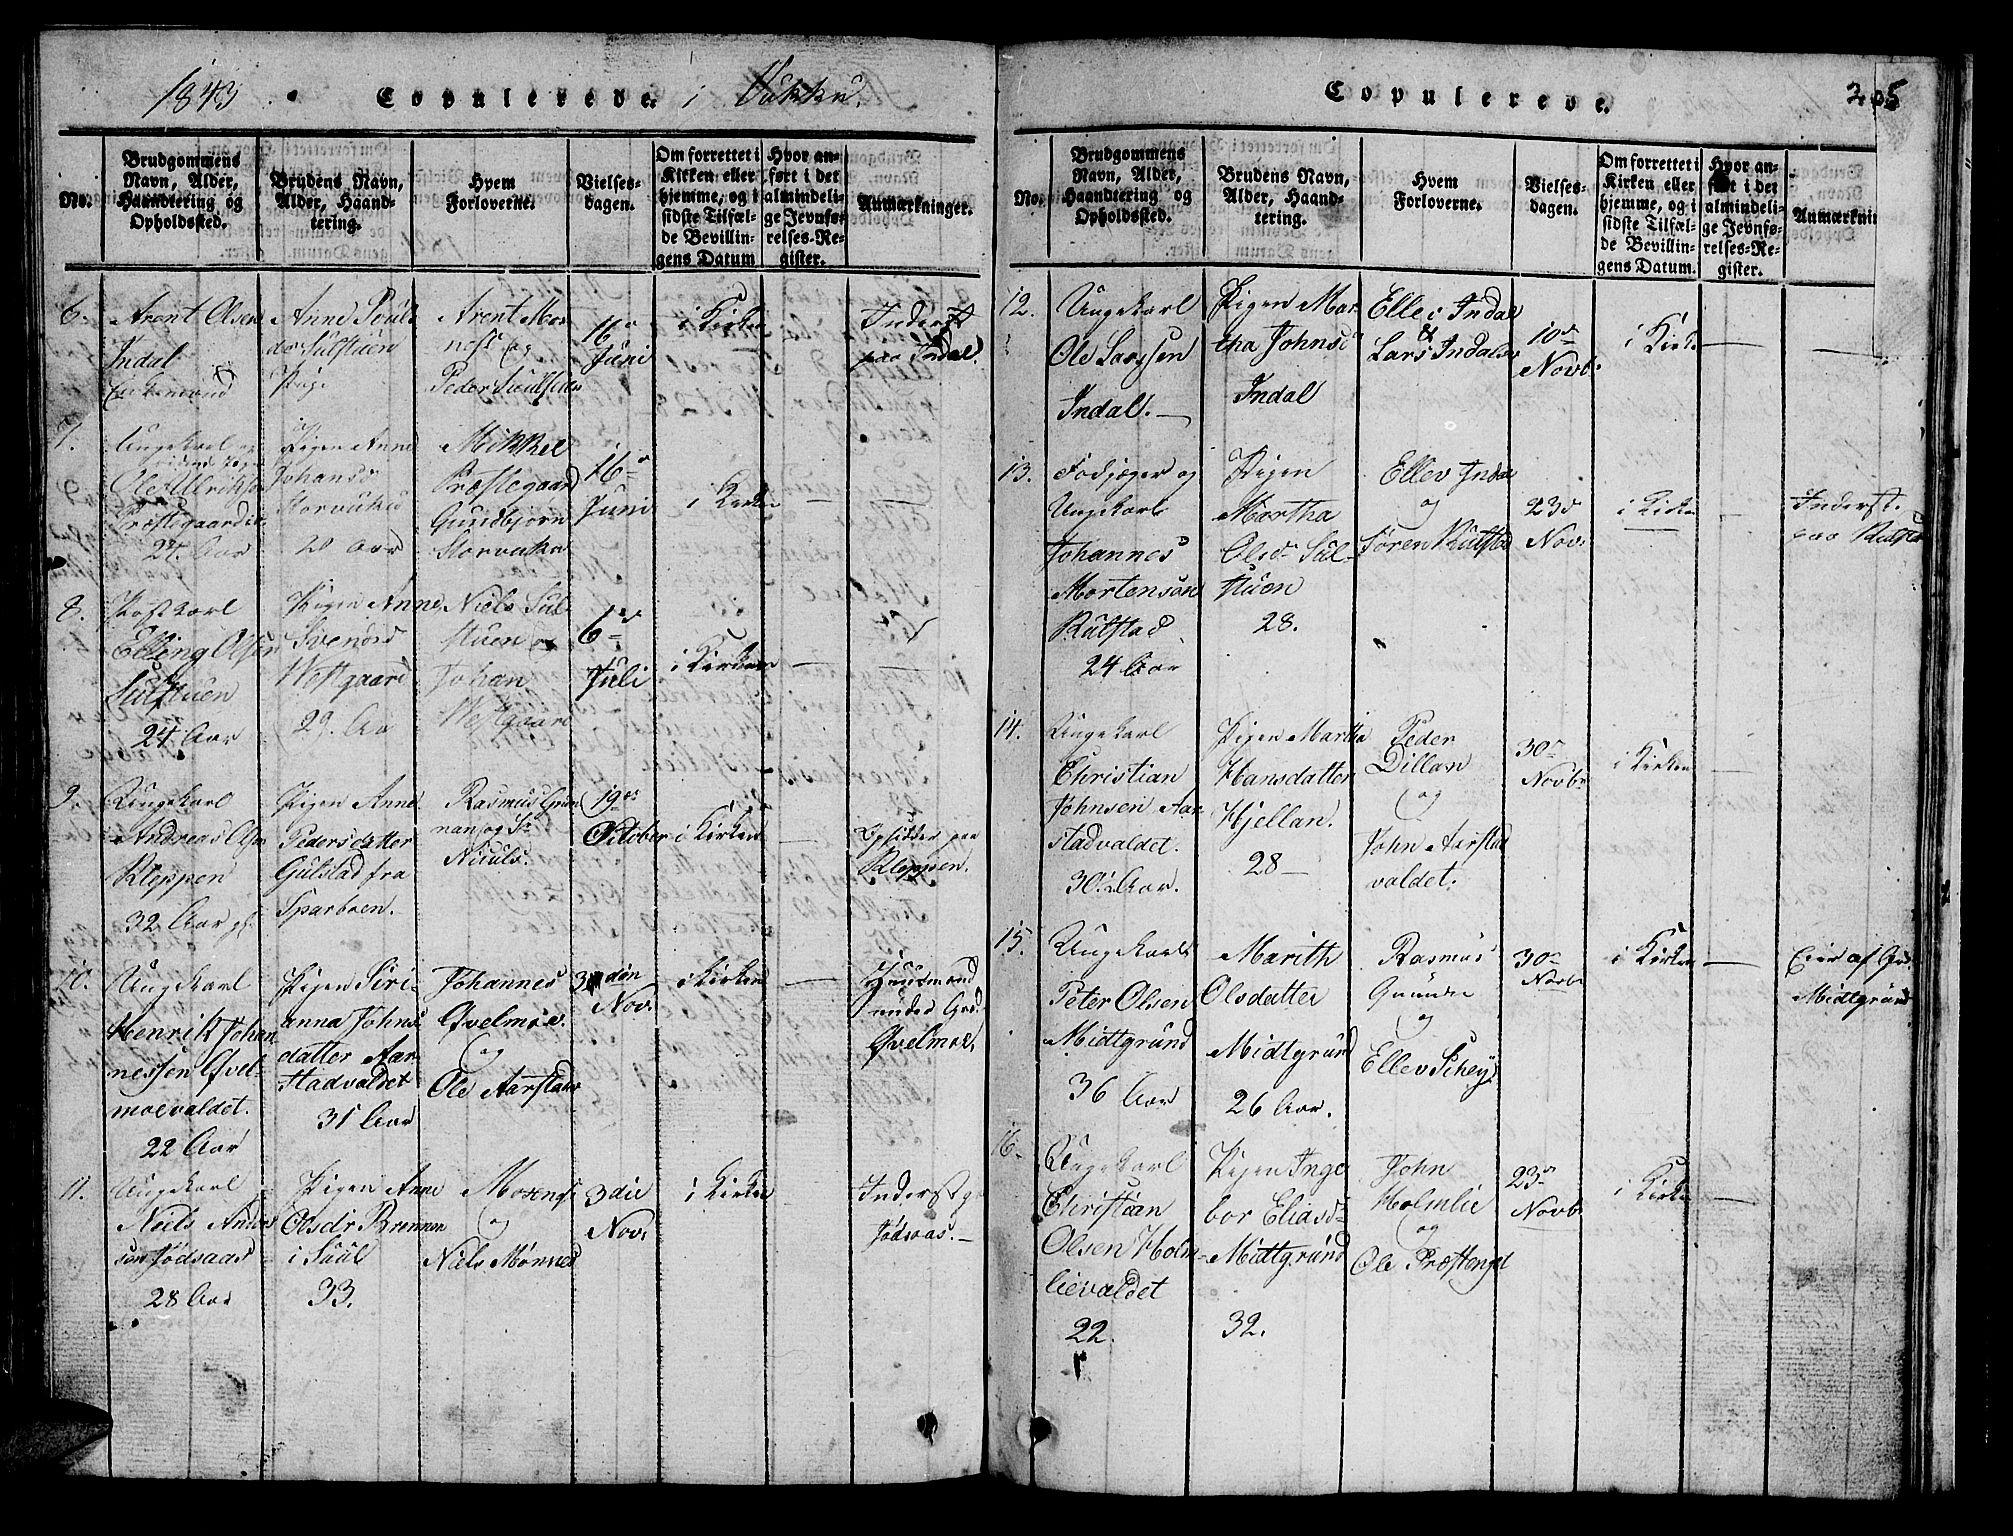 SAT, Ministerialprotokoller, klokkerbøker og fødselsregistre - Nord-Trøndelag, 723/L0251: Klokkerbok nr. 723C01 /2, 1843-1845, s. 205